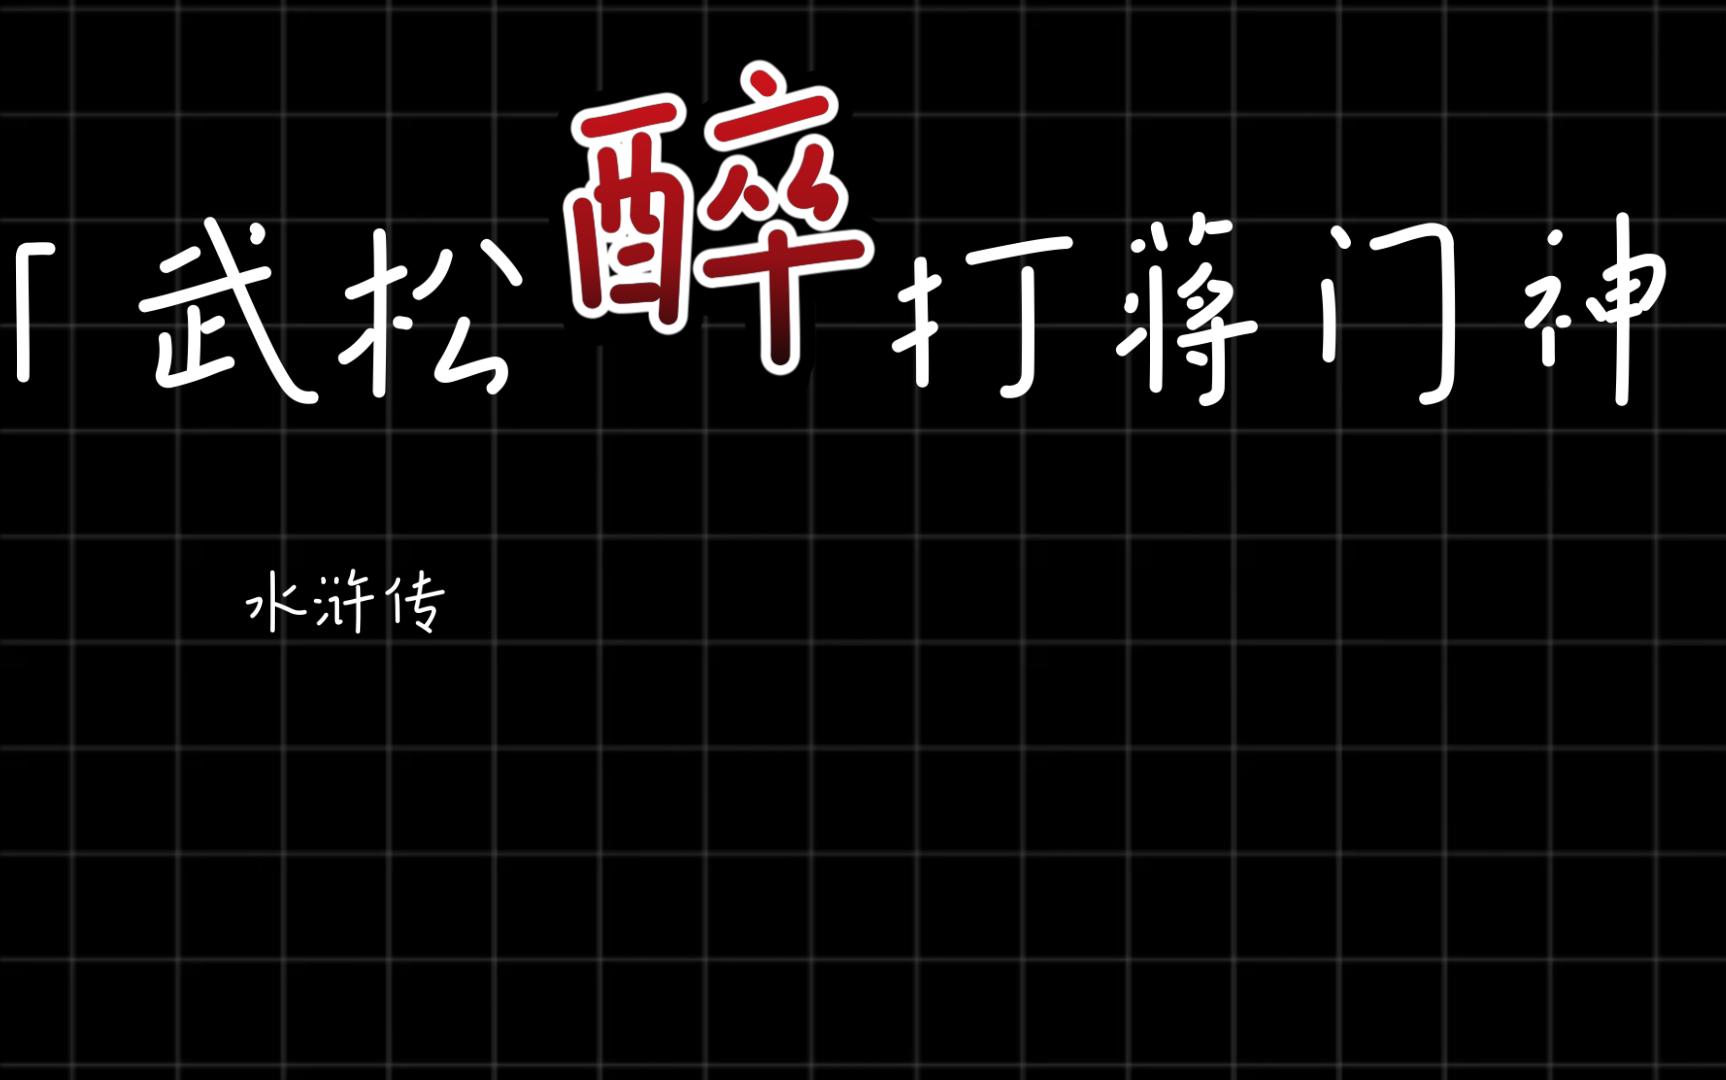 水浒传:武松醉打蒋门神